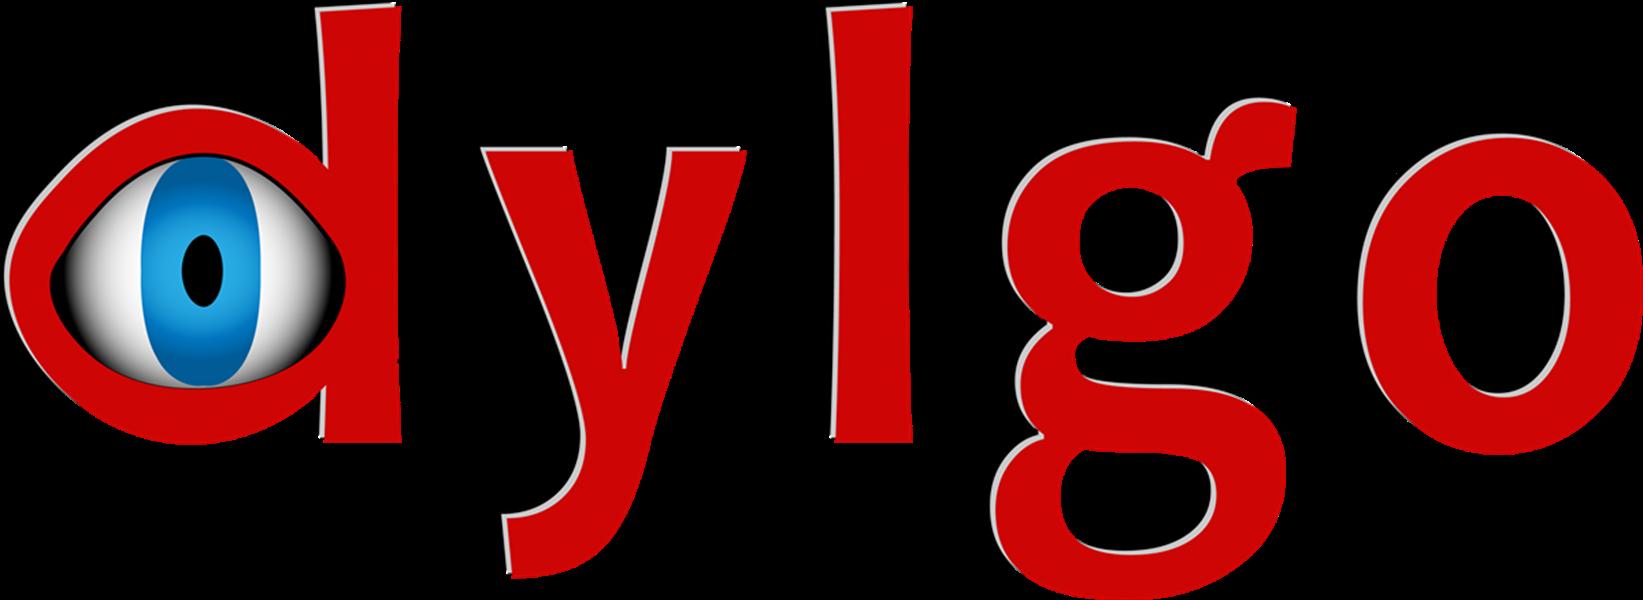 DYLGO